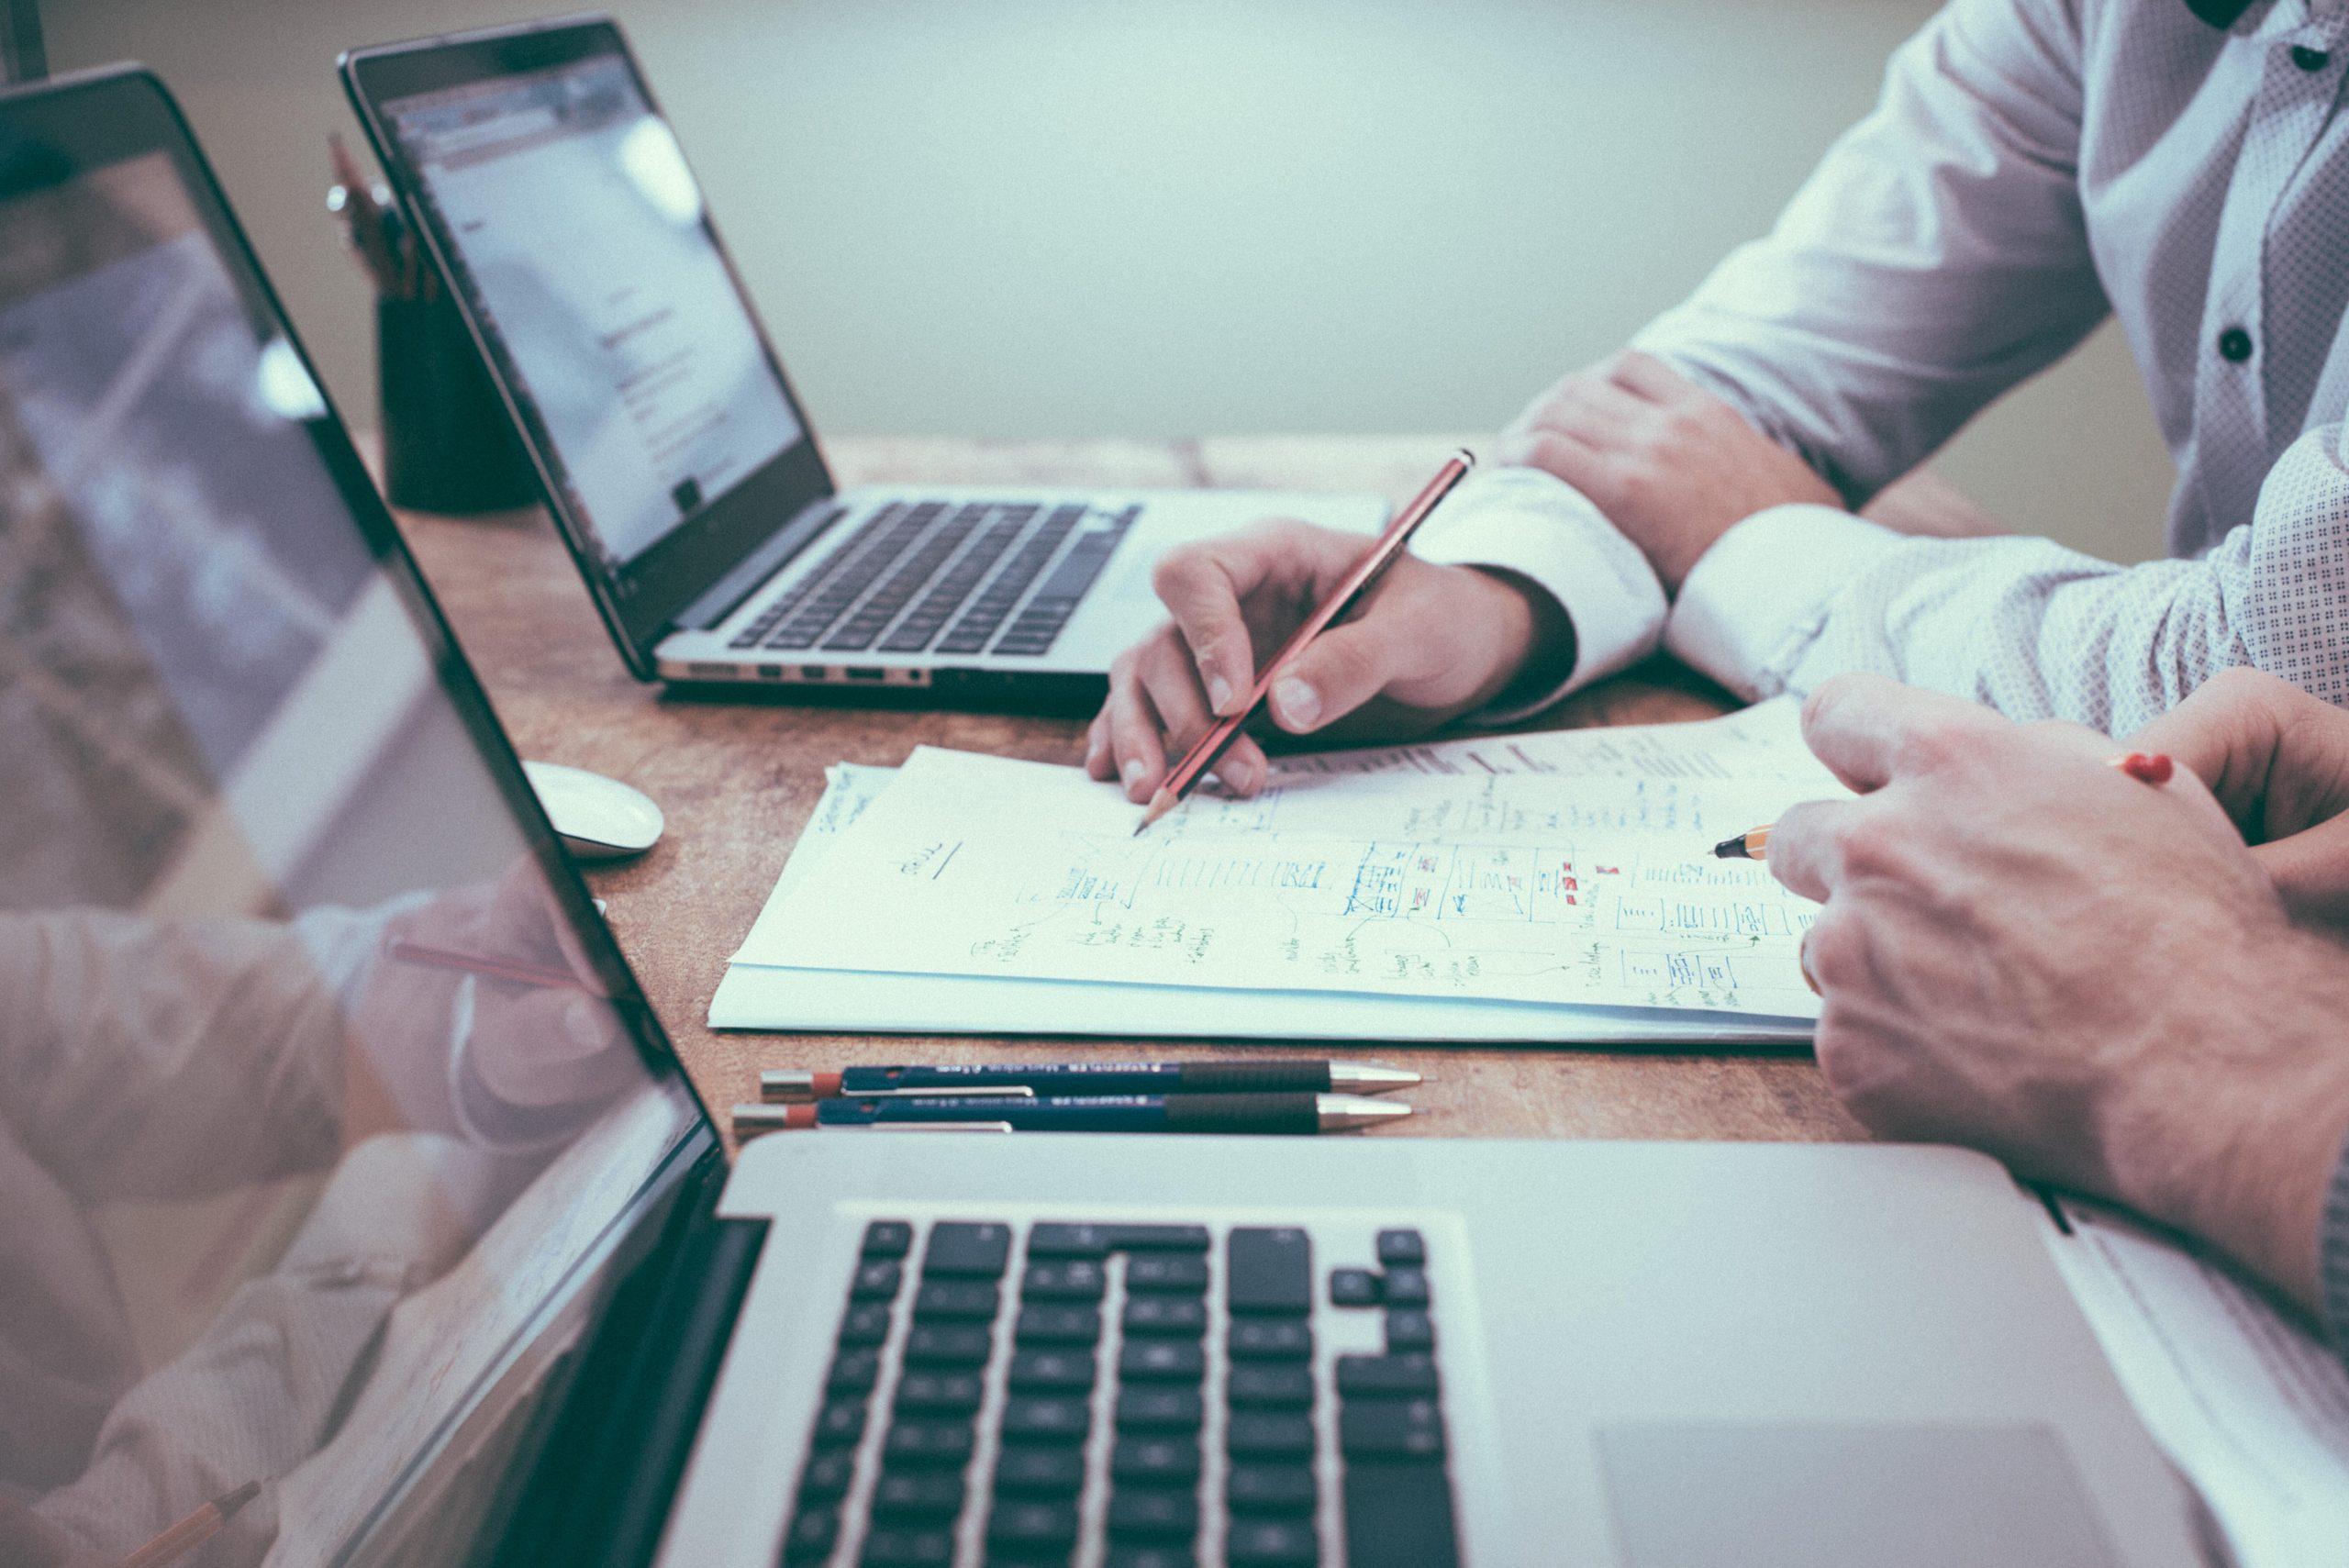 Análisis Normativo Multijurisdicción del Fraude a Seguros